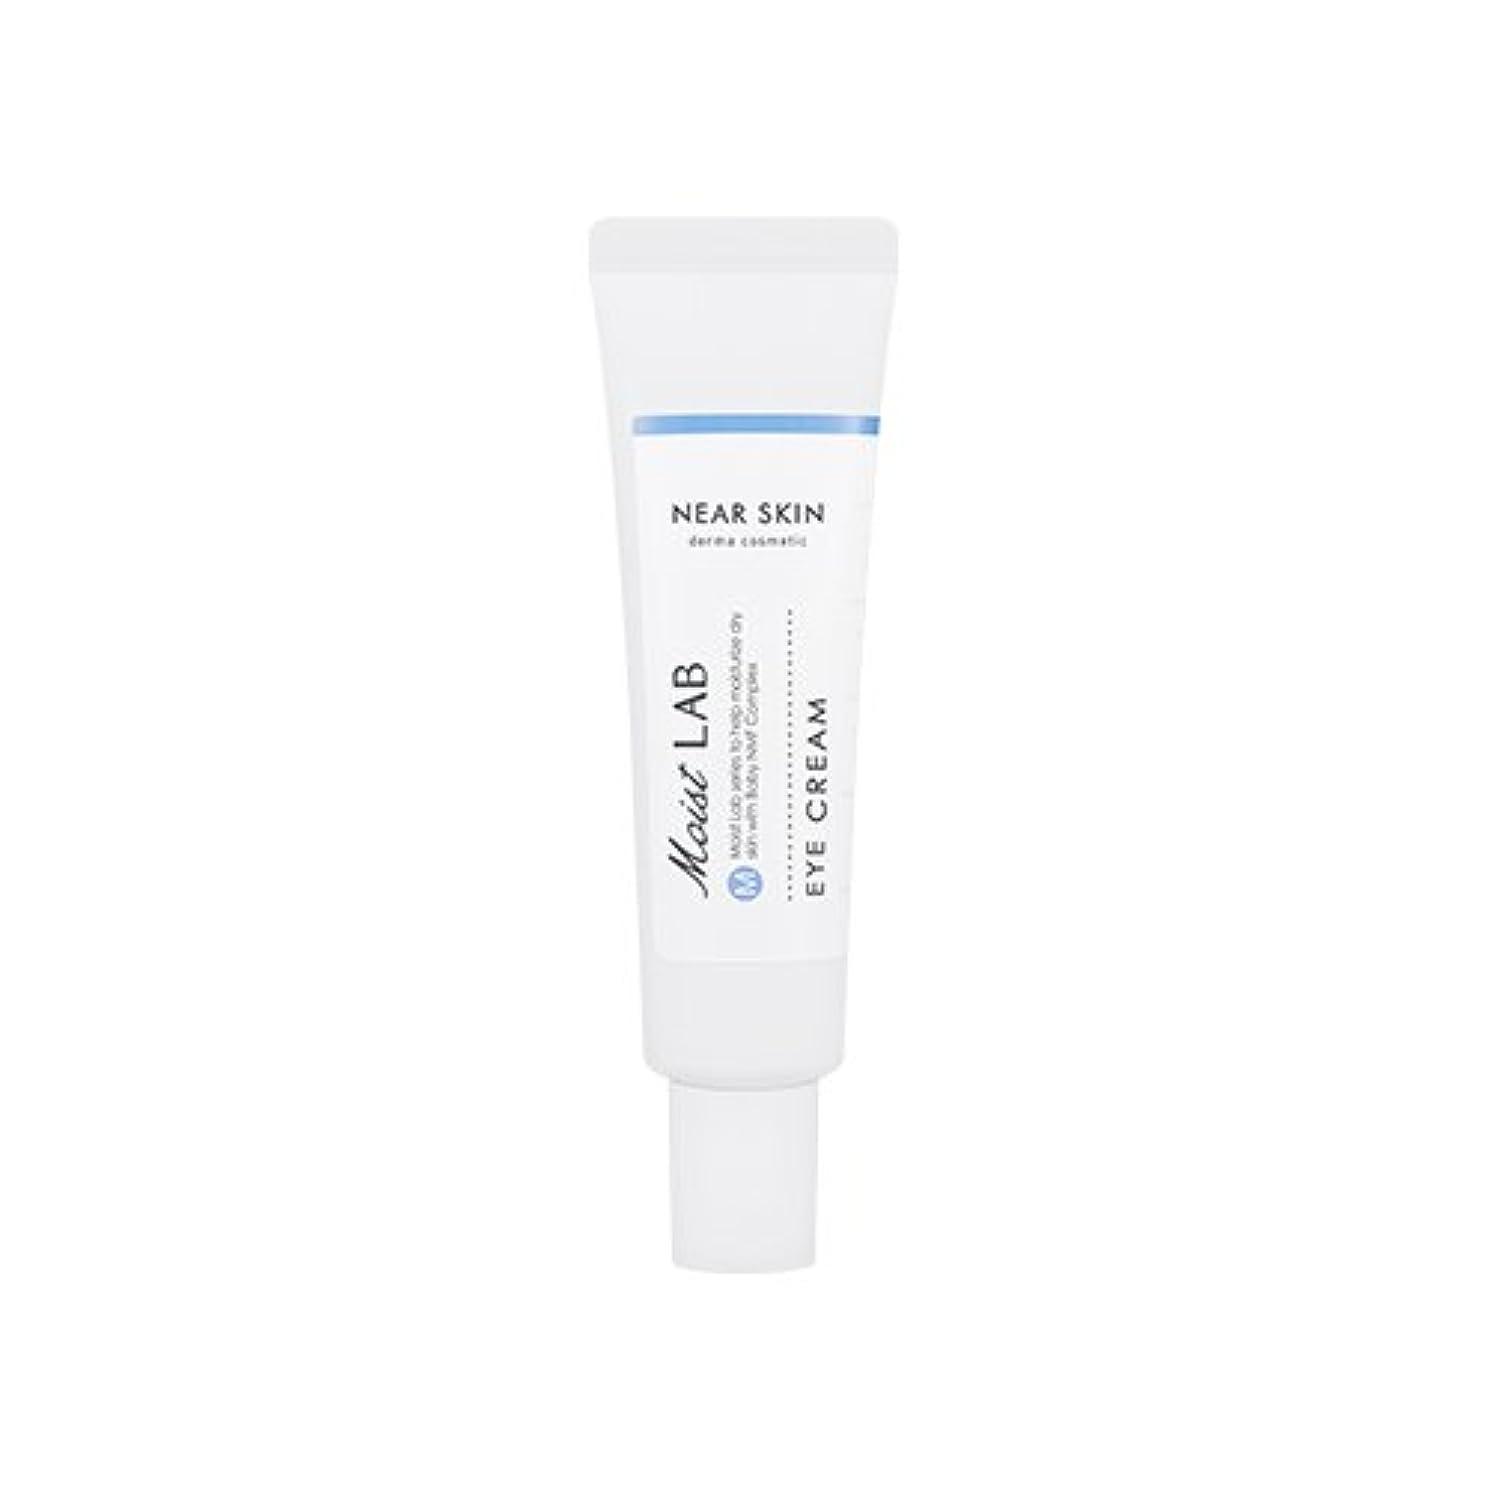 ペパーミント味方持ってるMISSHA NEAR SKIN Derma Cosmetic Moist LAB (Eye Cream) / ミシャ ニアスキン ダーマコスメティックモイストラボ アイクリーム 30ml [並行輸入品]